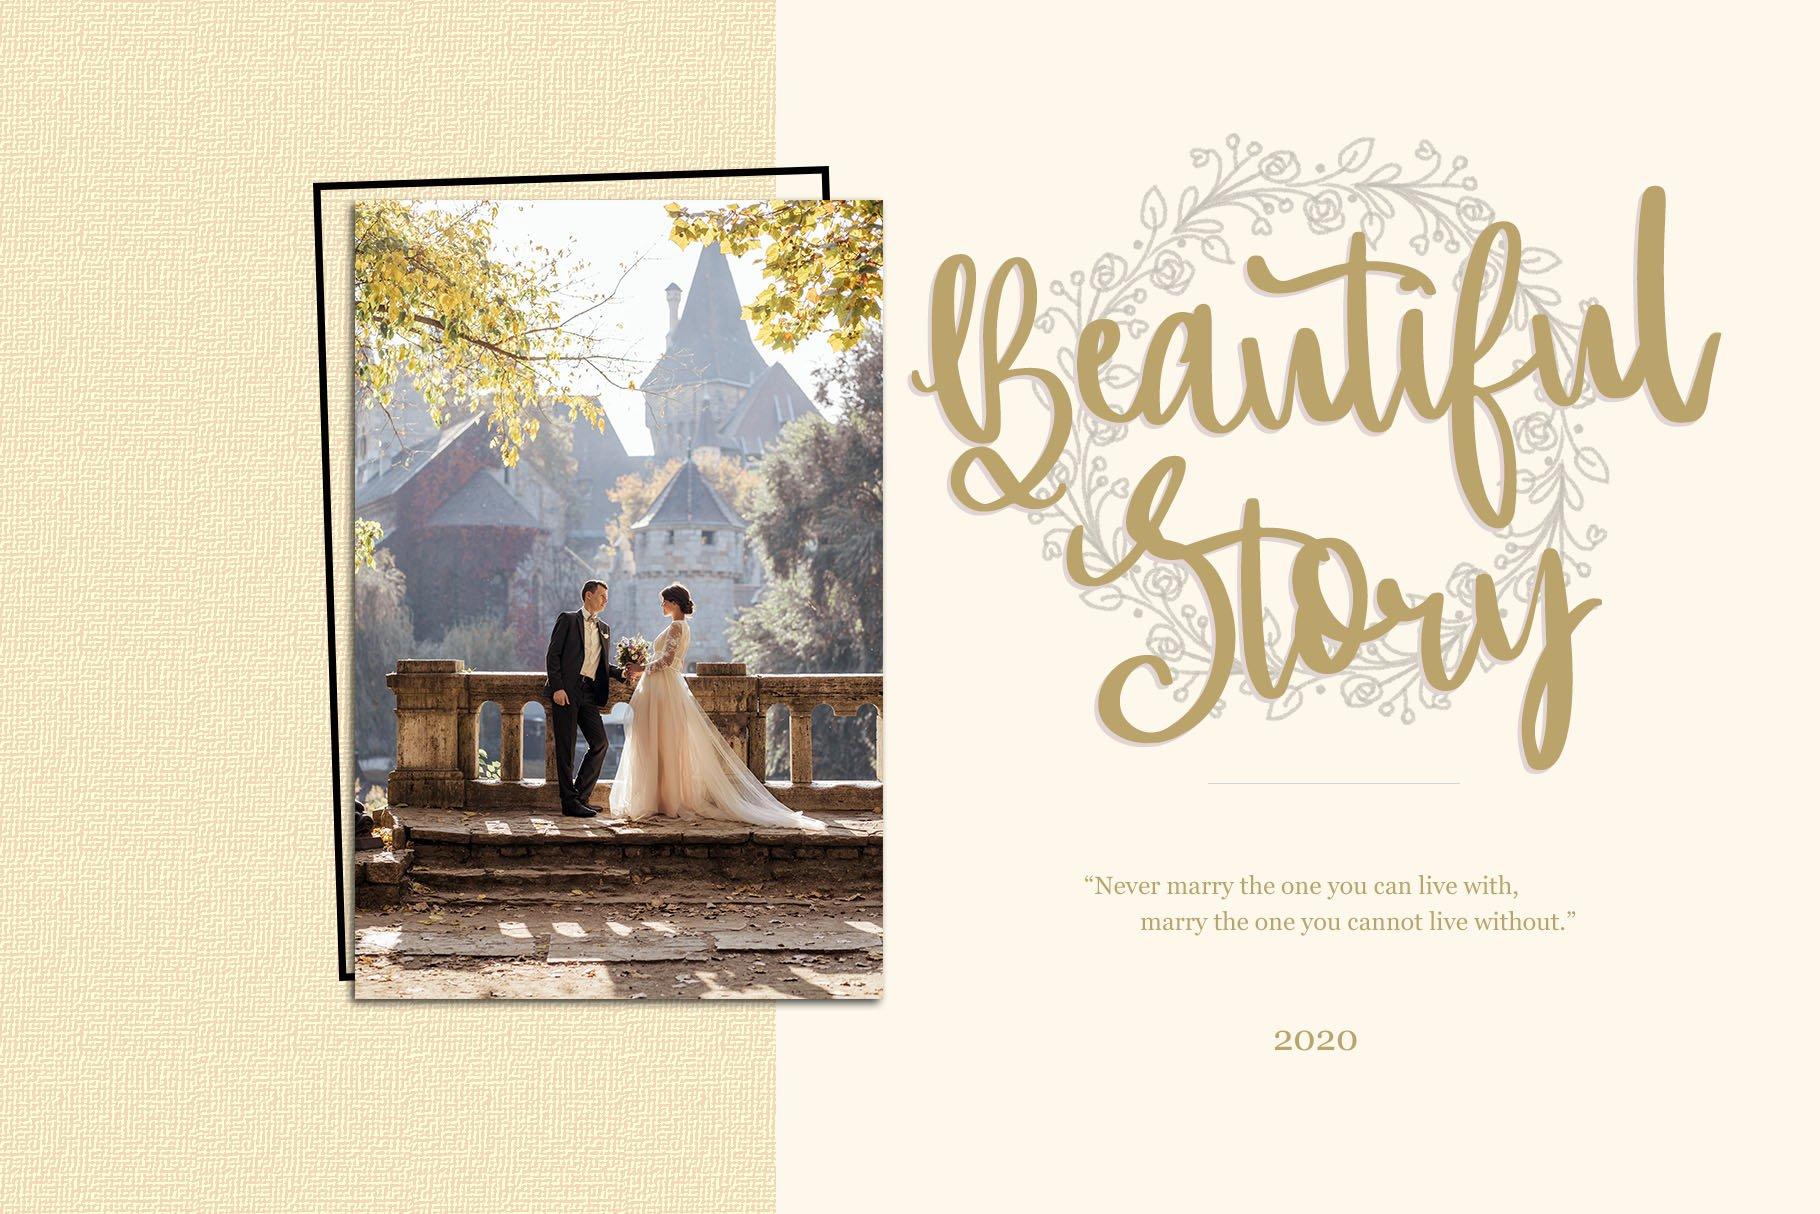 Romance d'Amour - Romantic HandWritten Script Font example image 2